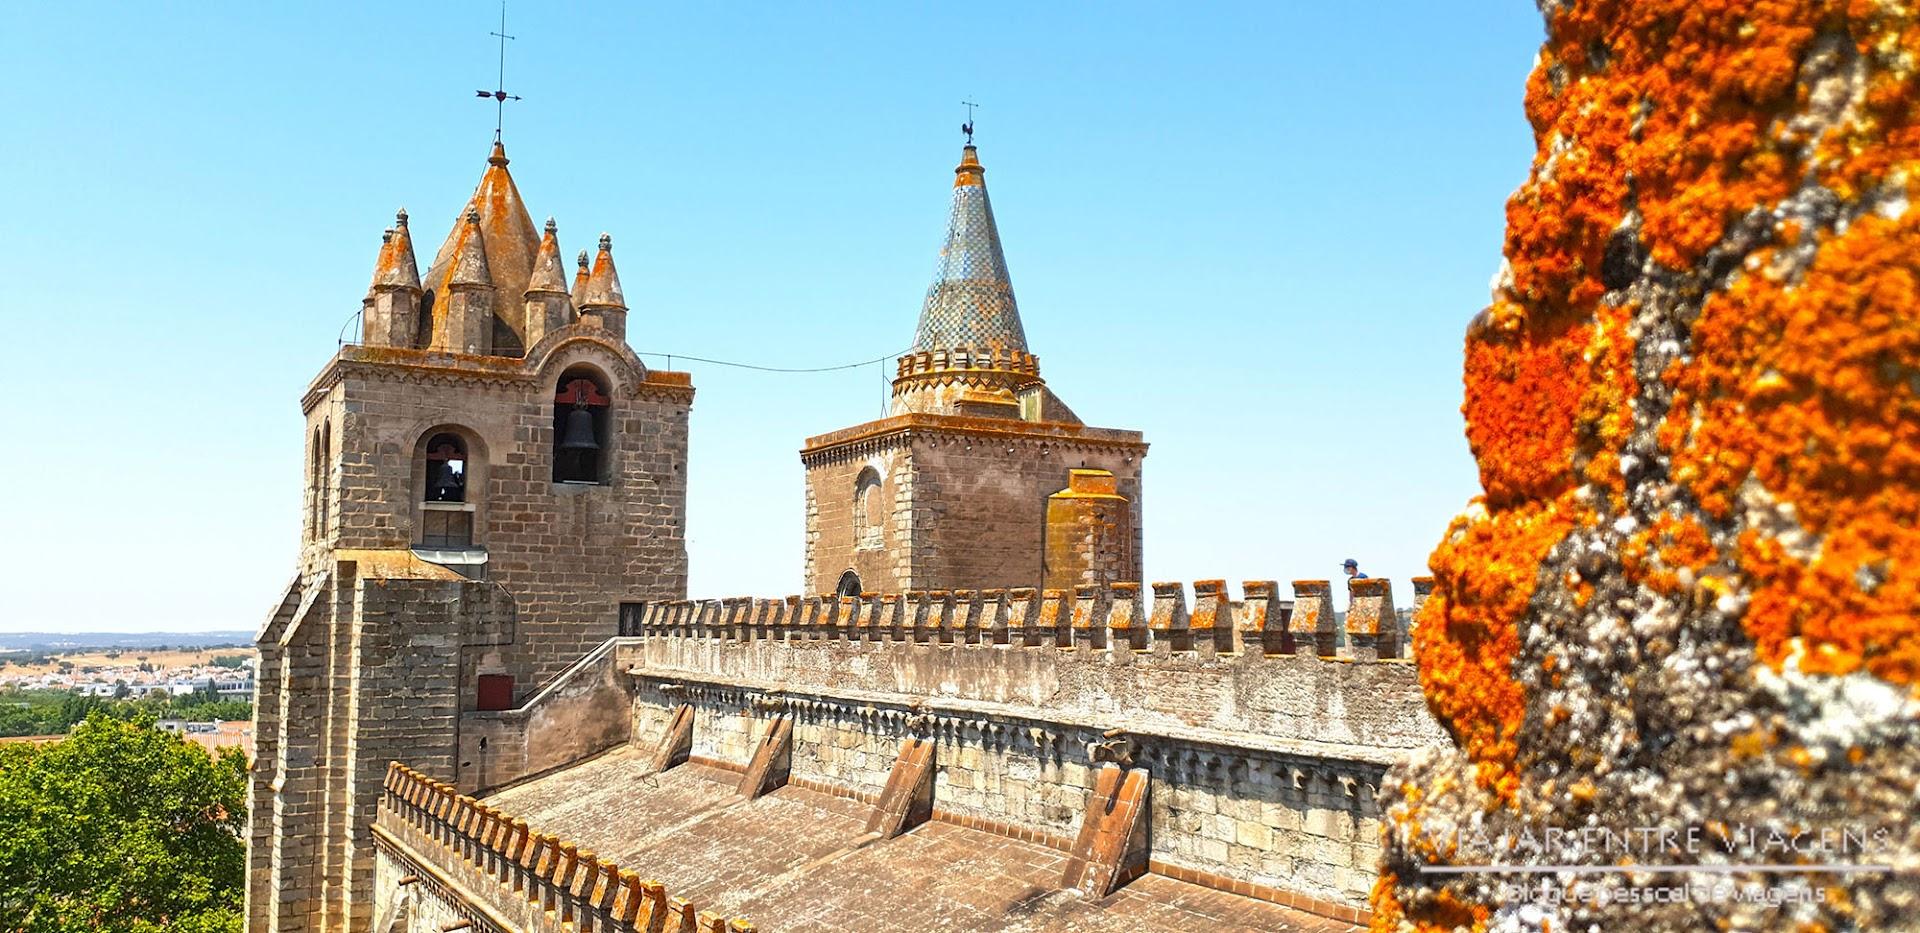 Catedral - VISITAR ÉVORA, o que ver e fazer na cidade-museu, Património Mundial da UNESCO